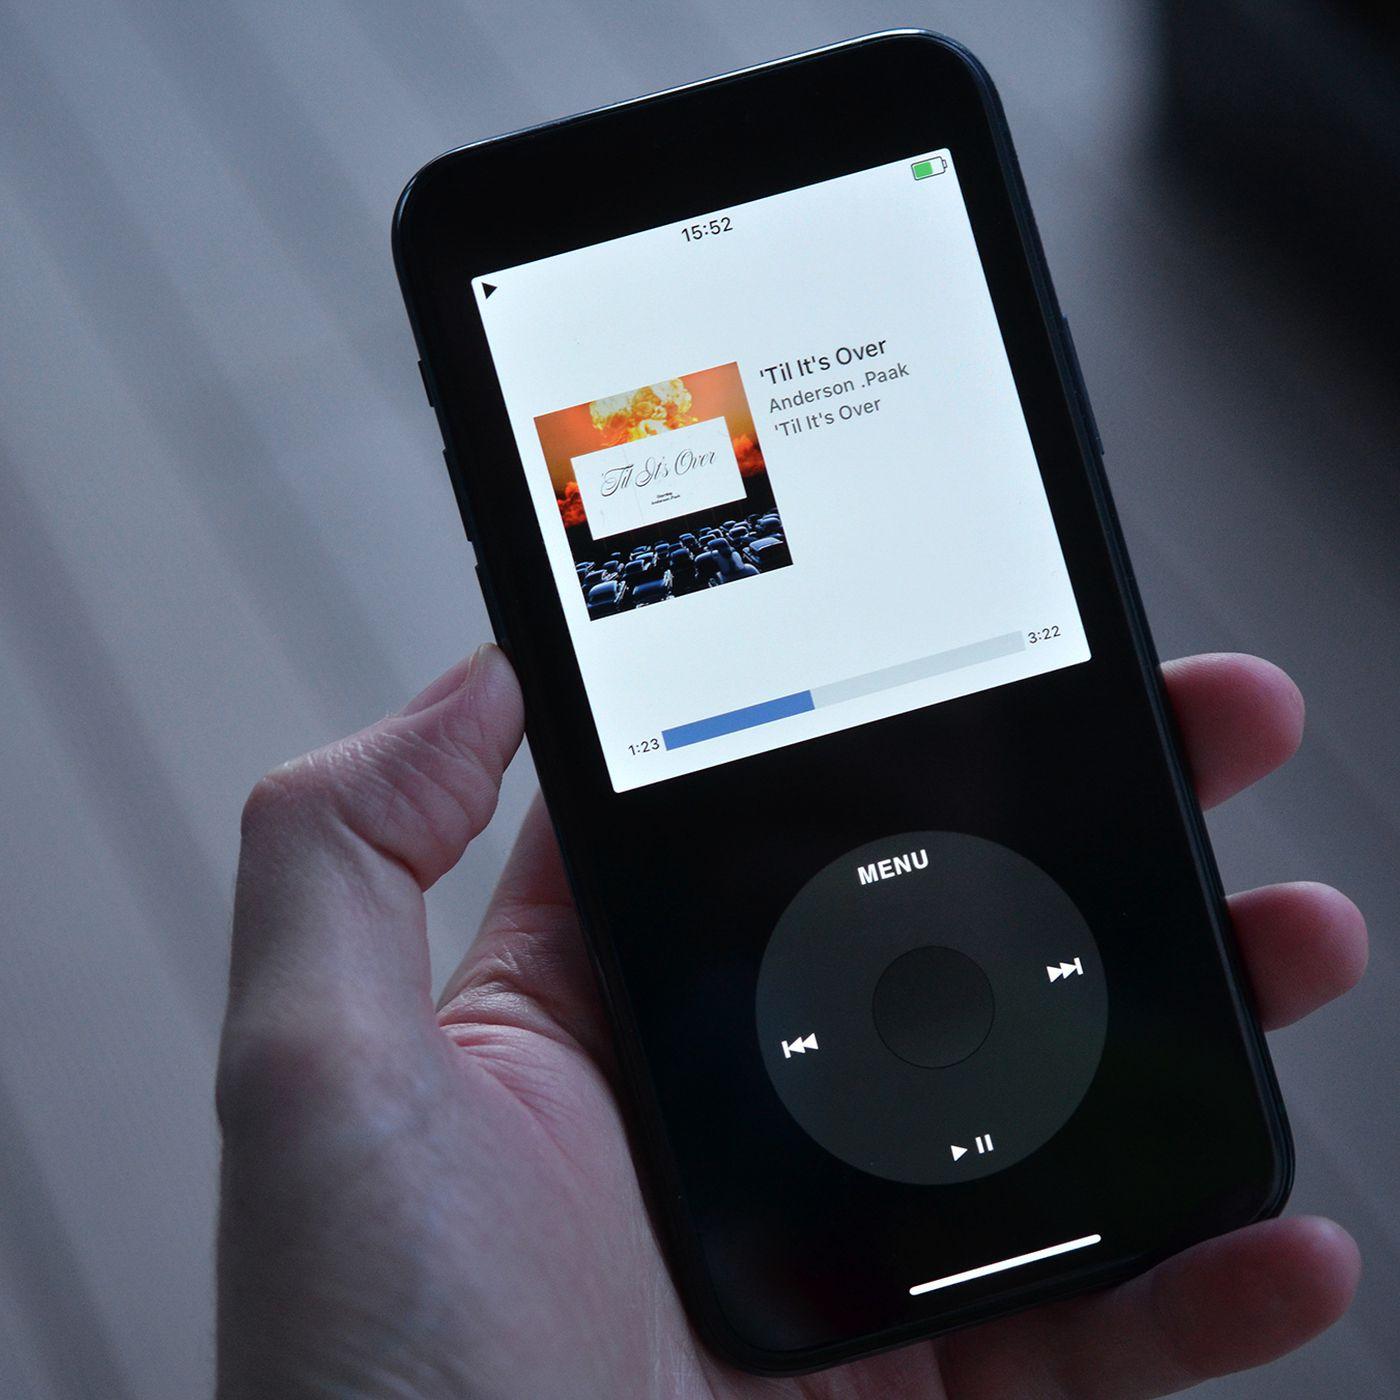 Rewound, aplicativo que transforma o iPhone num iPod